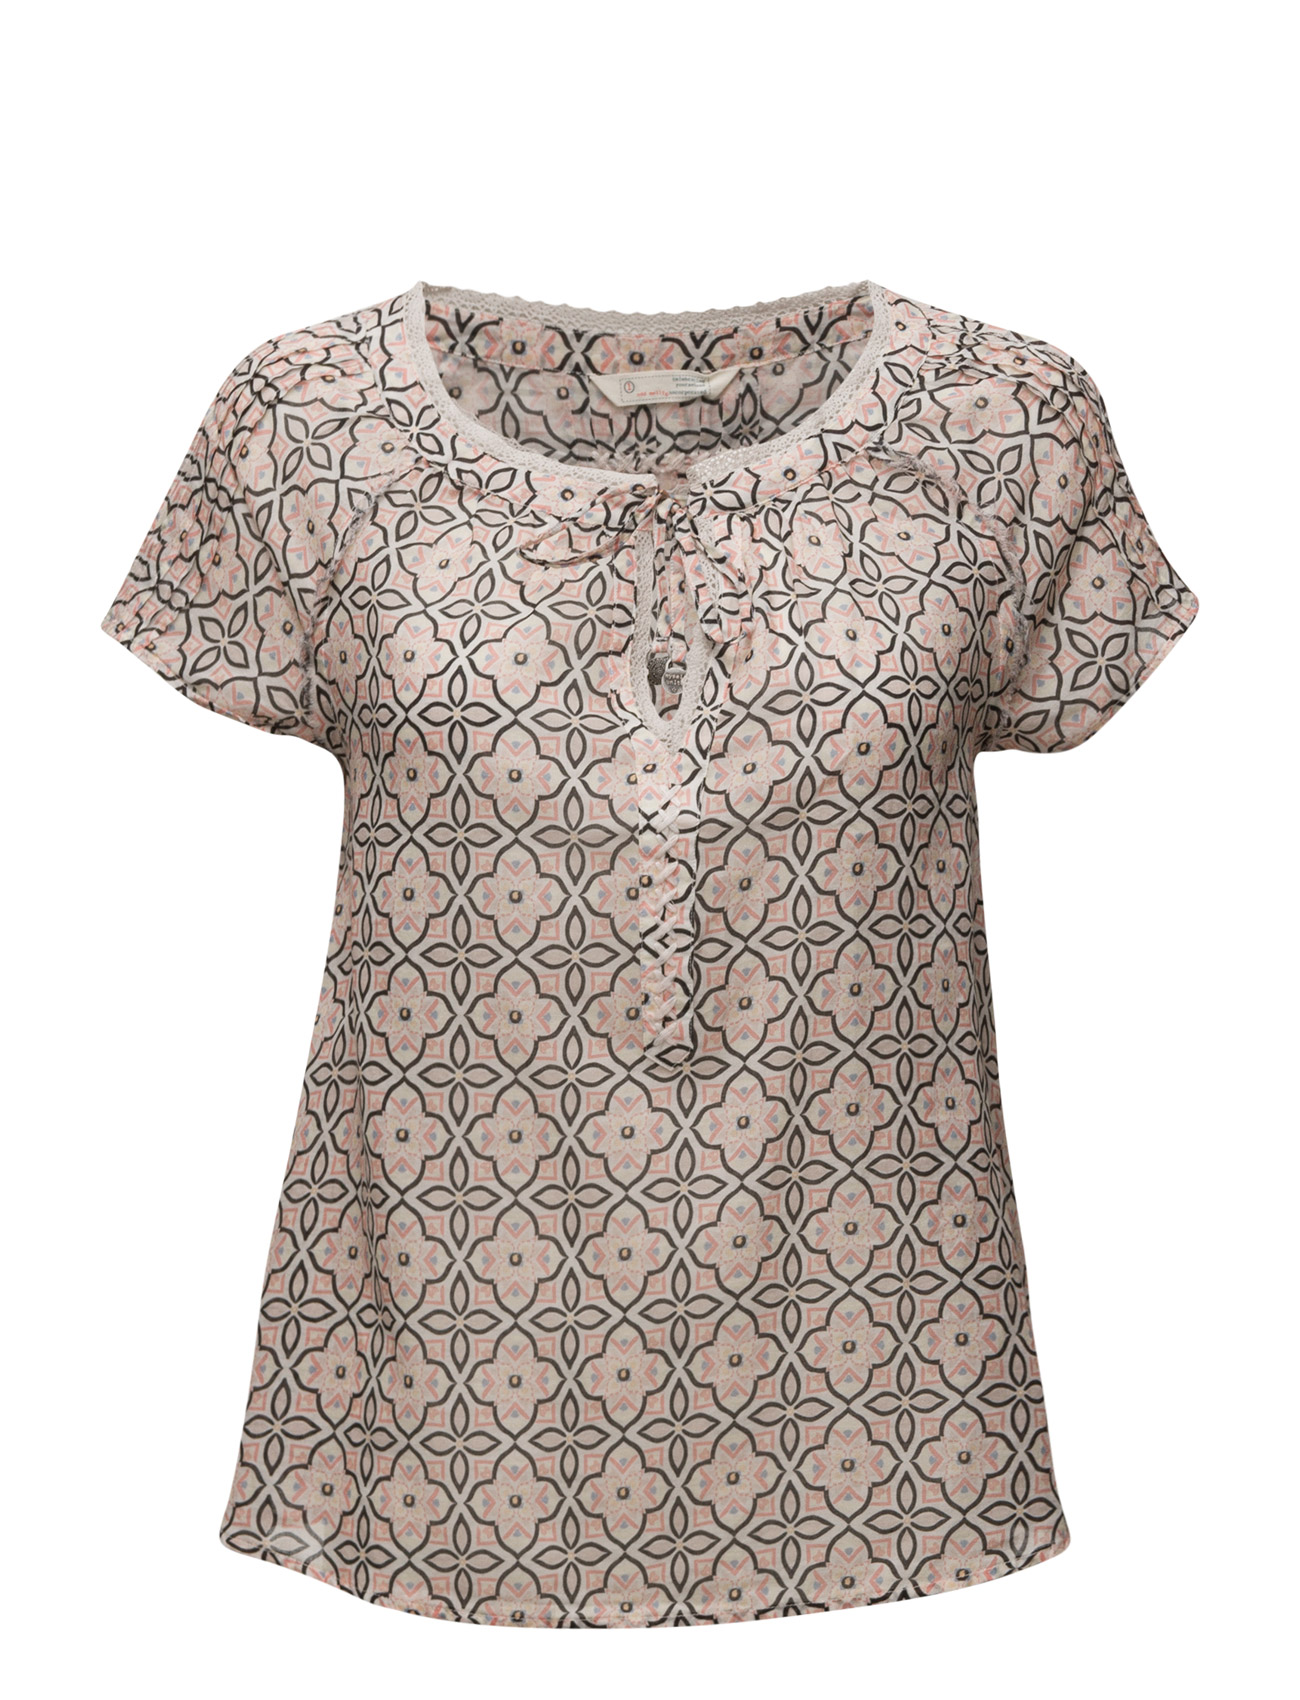 ODD MOLLY embrace s/s blouse